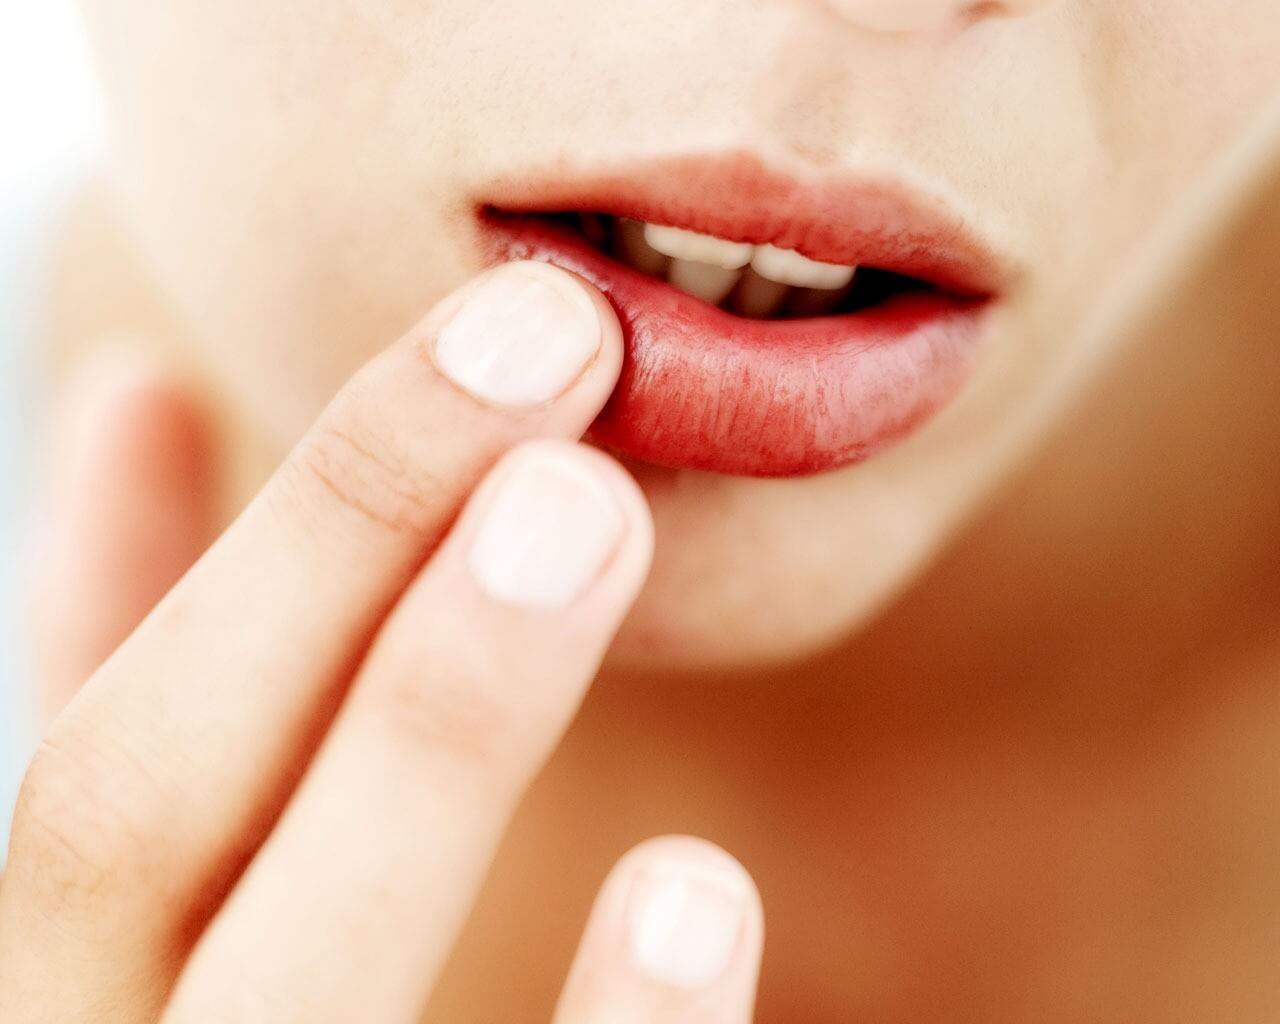 Витамины при герпесе: секрет быстрого лечения